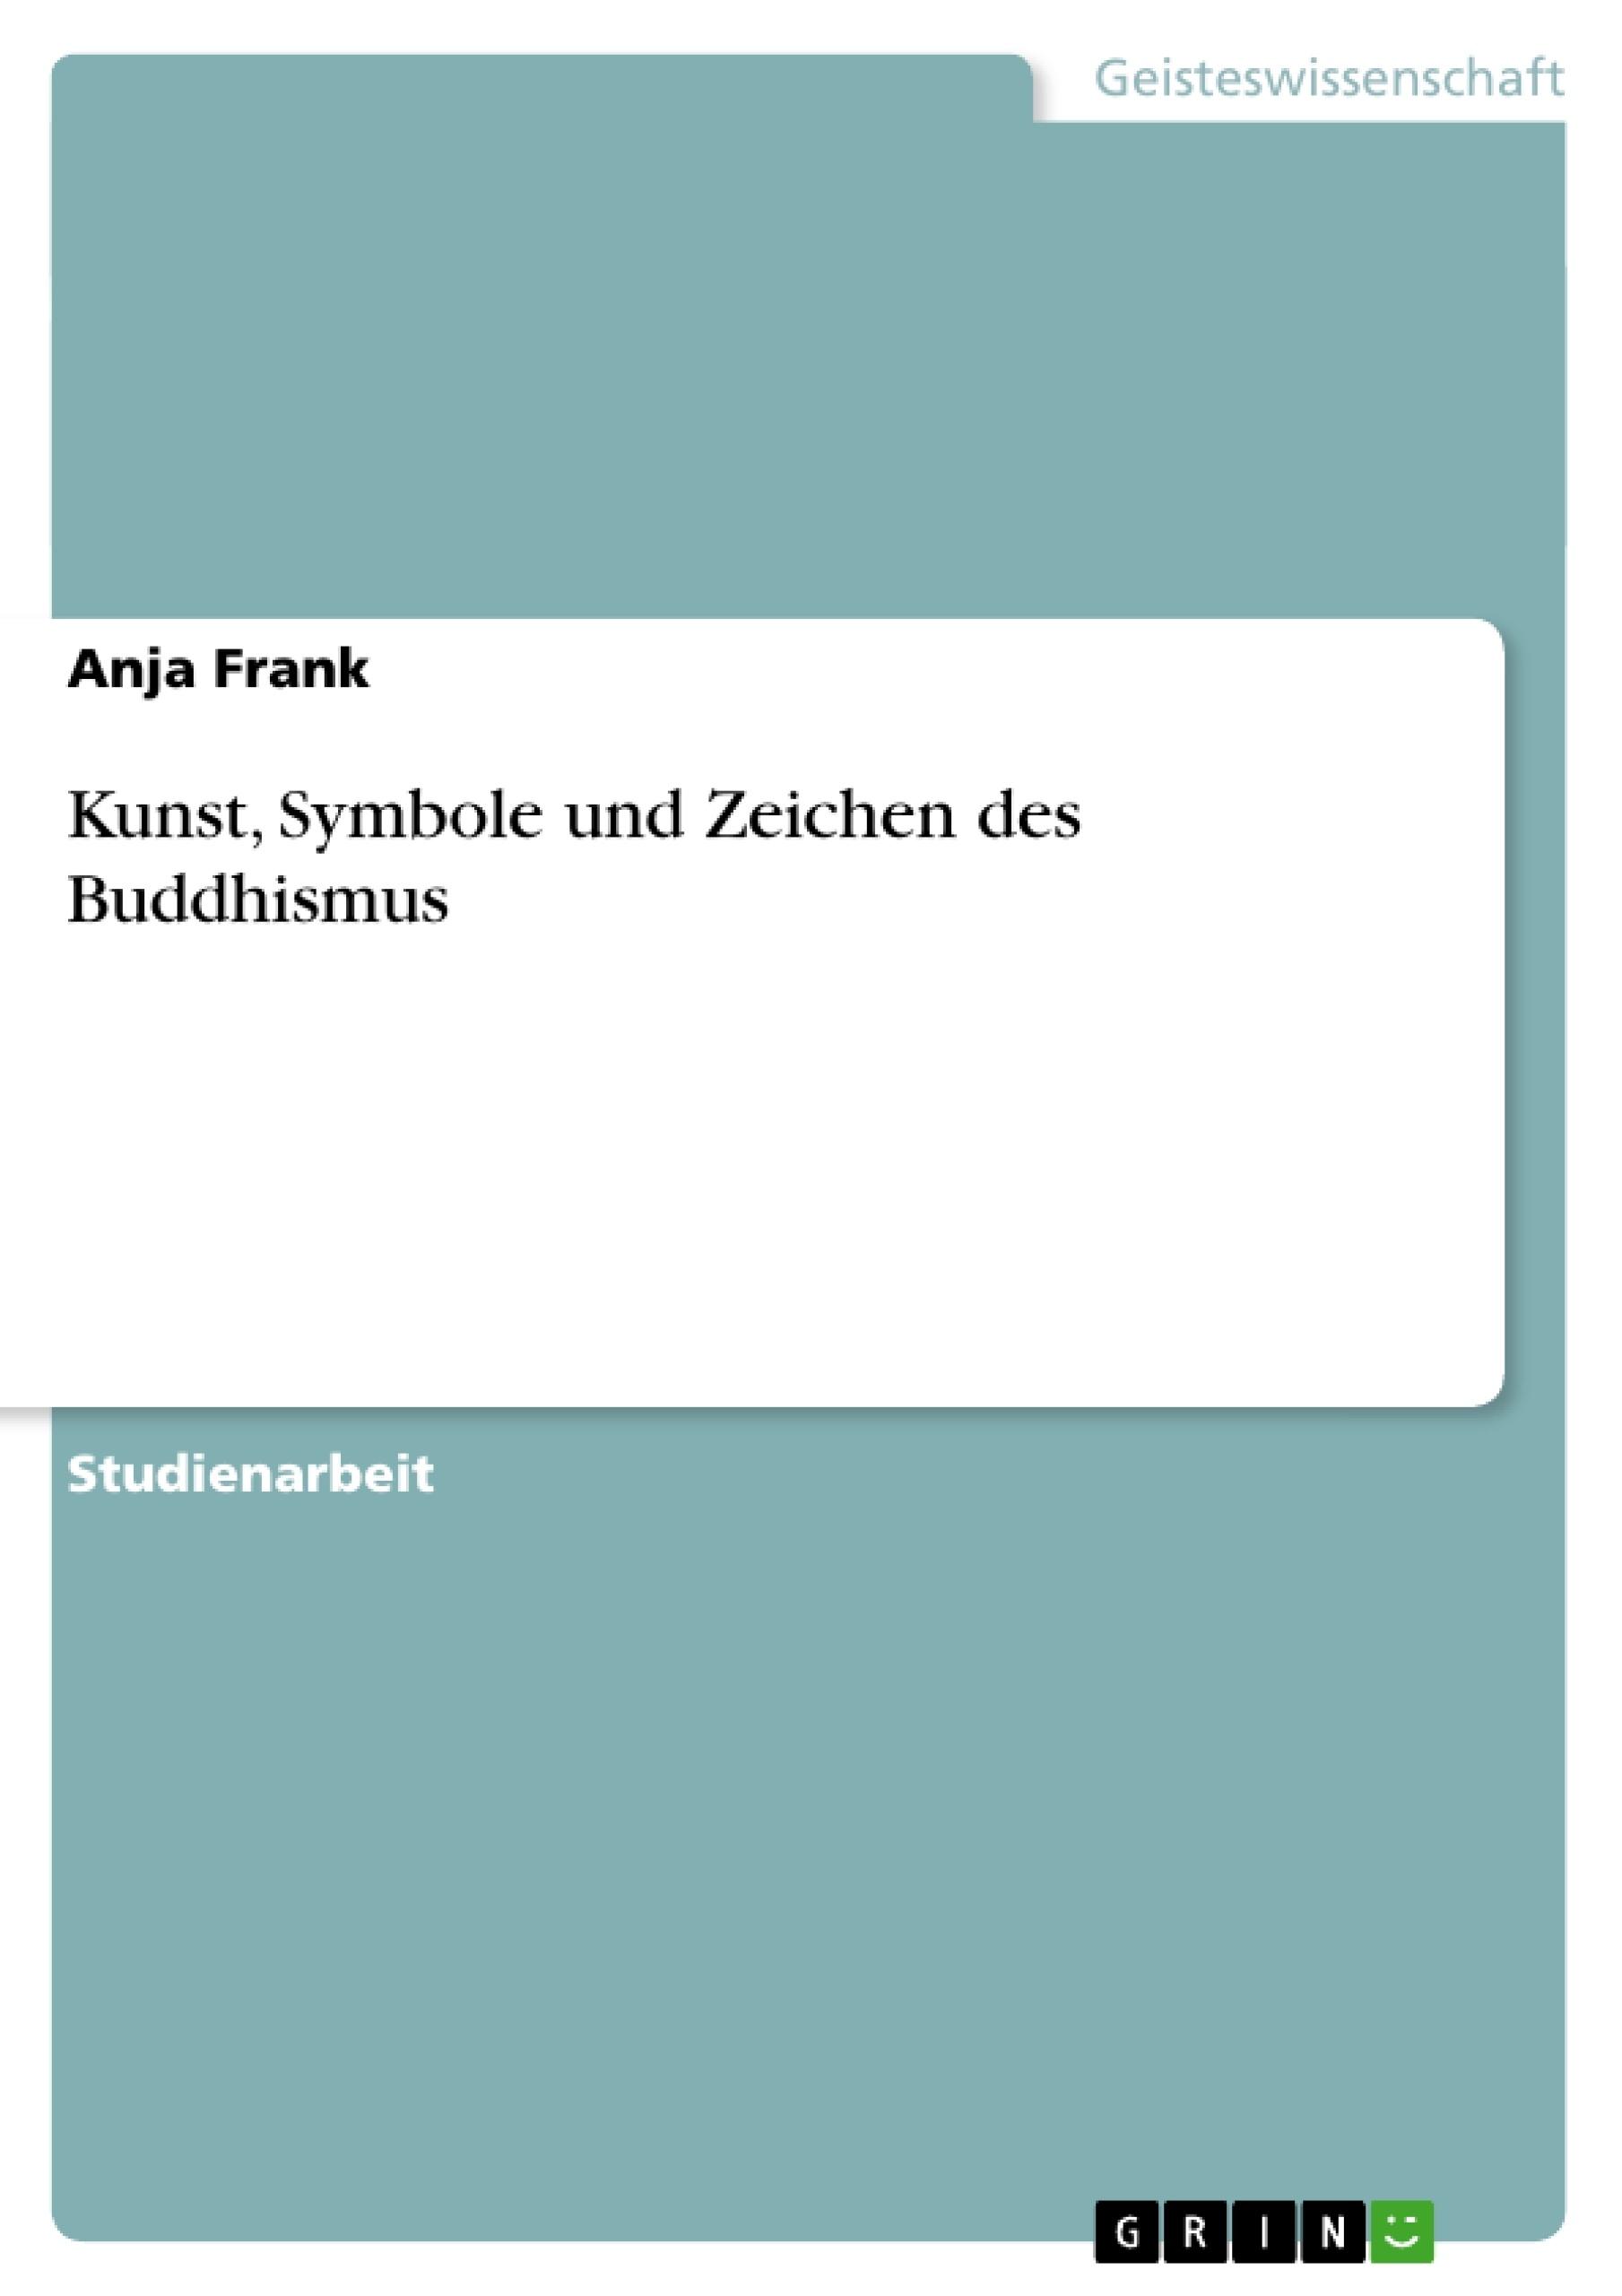 Titel: Kunst, Symbole und Zeichen des Buddhismus